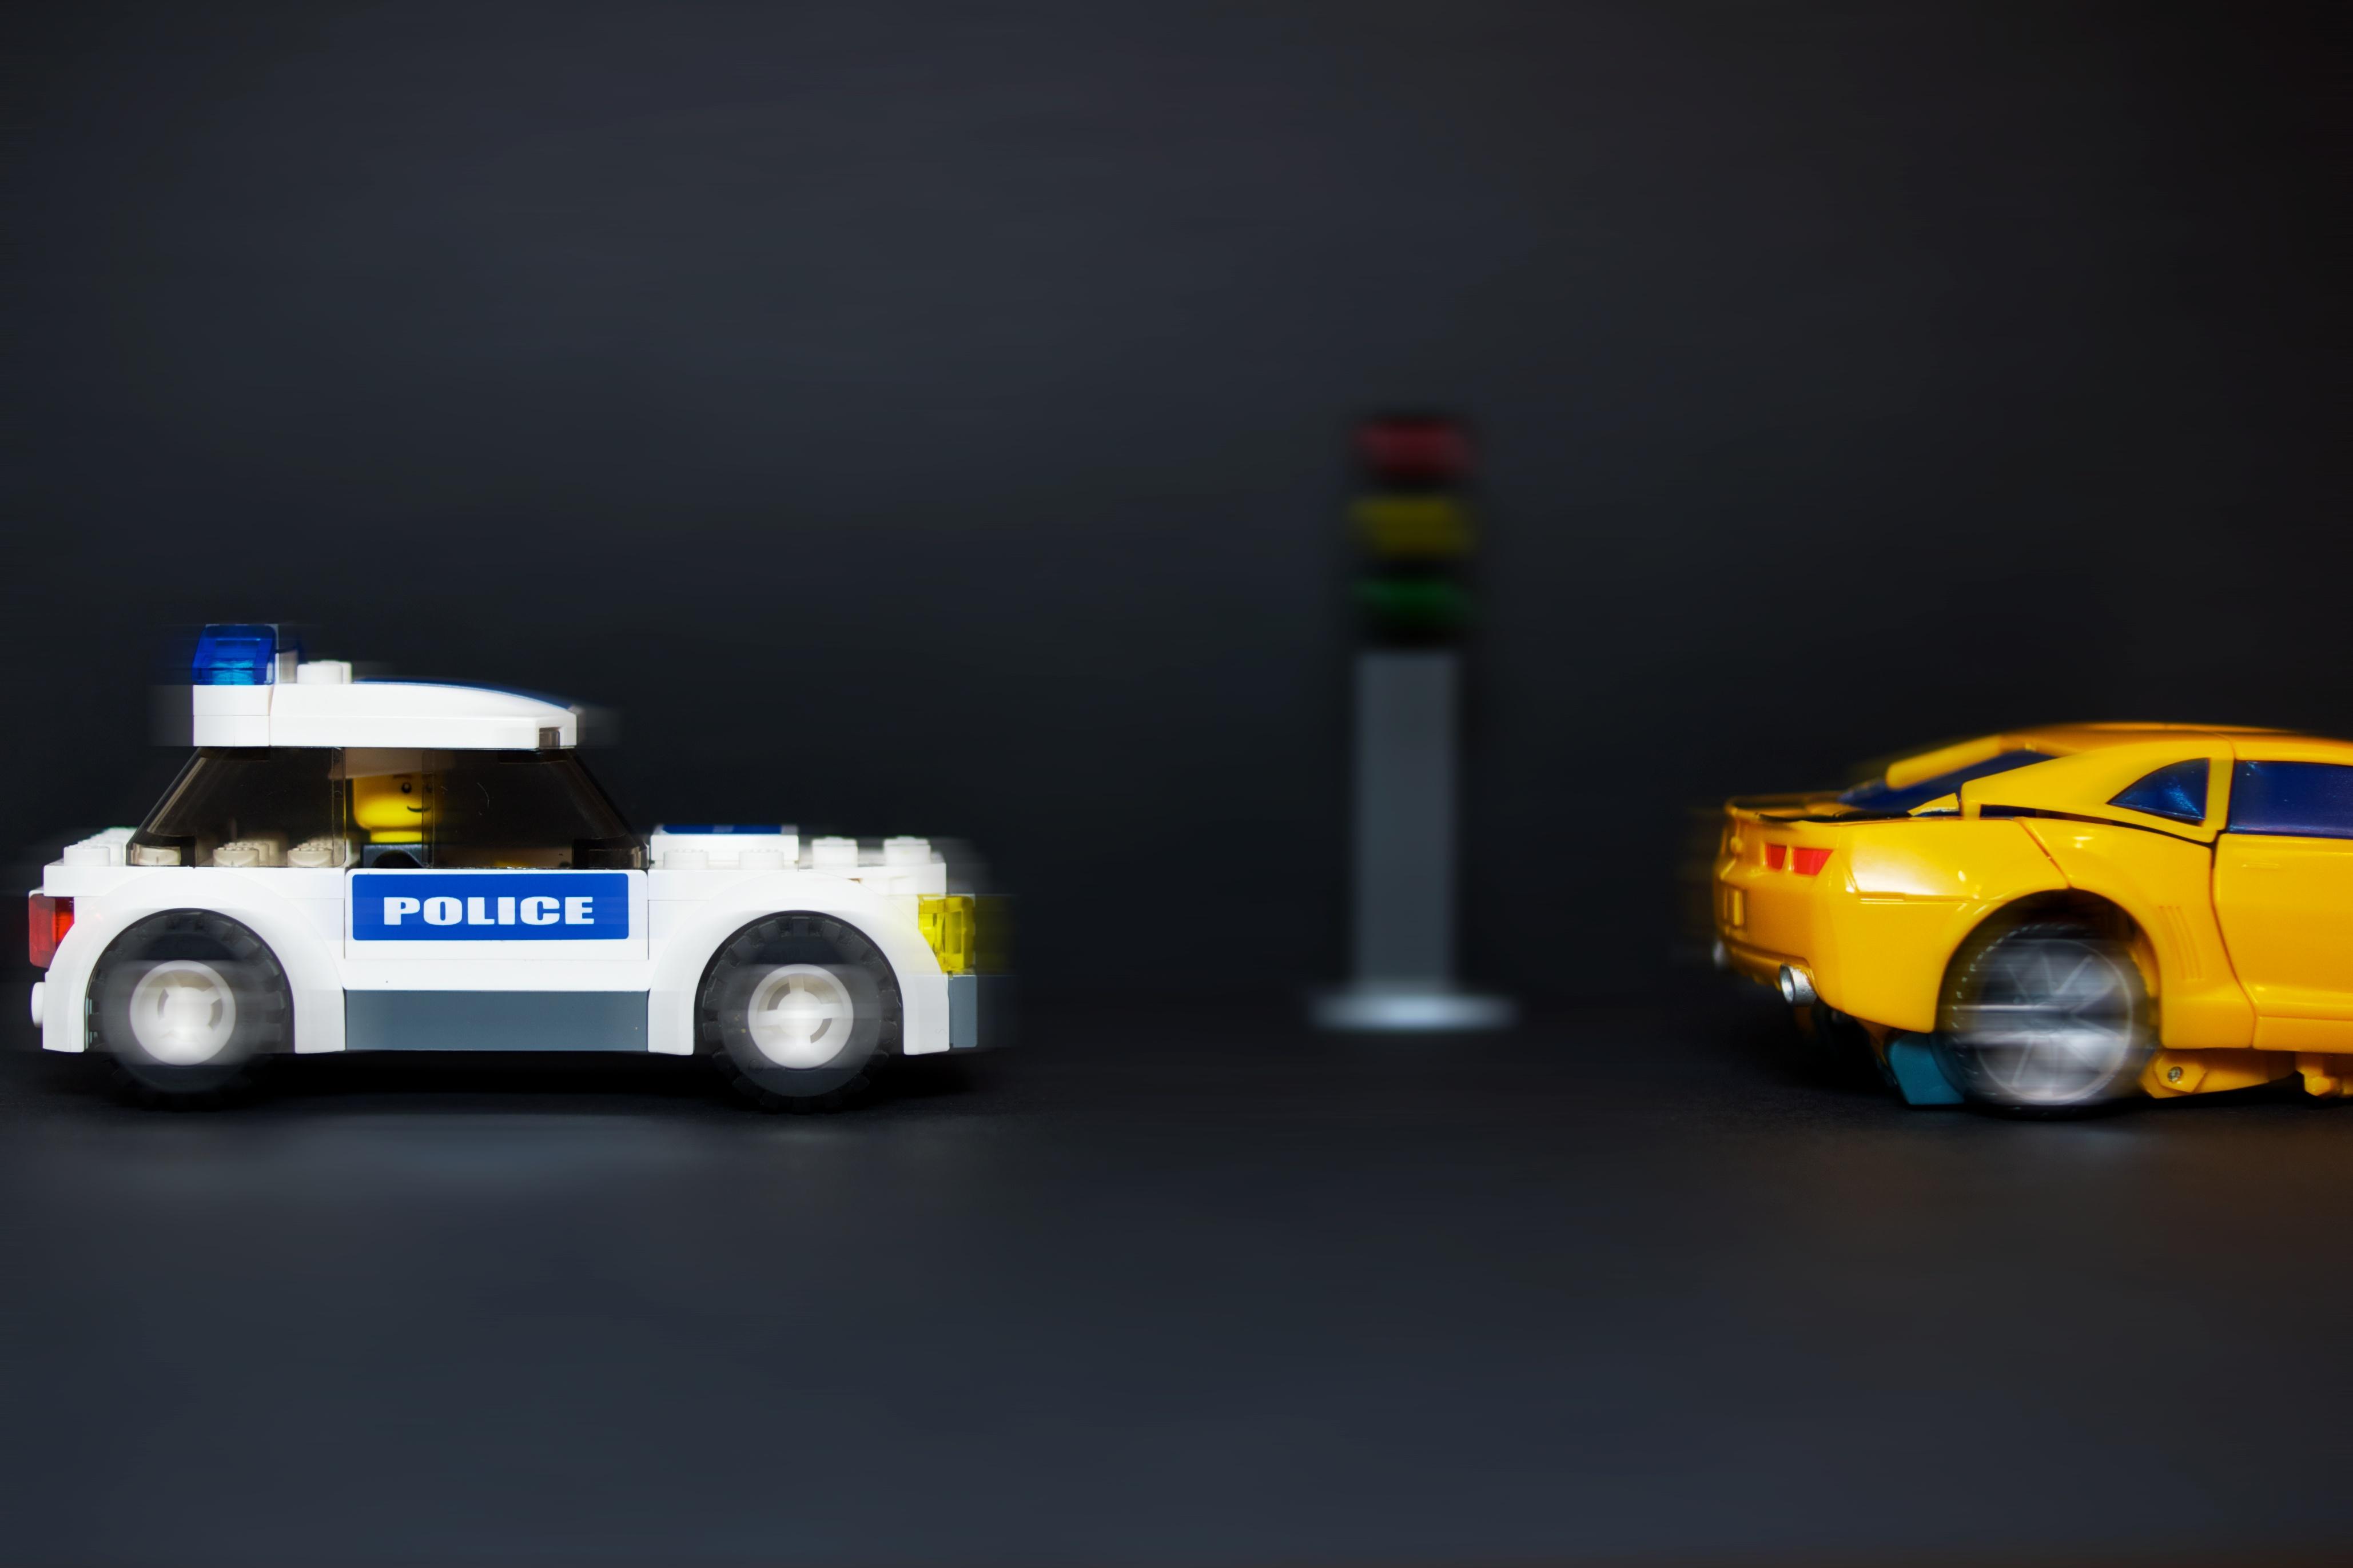 5100 Koleksi Gambar Lego Mobil Polisi Gratis Terbaik